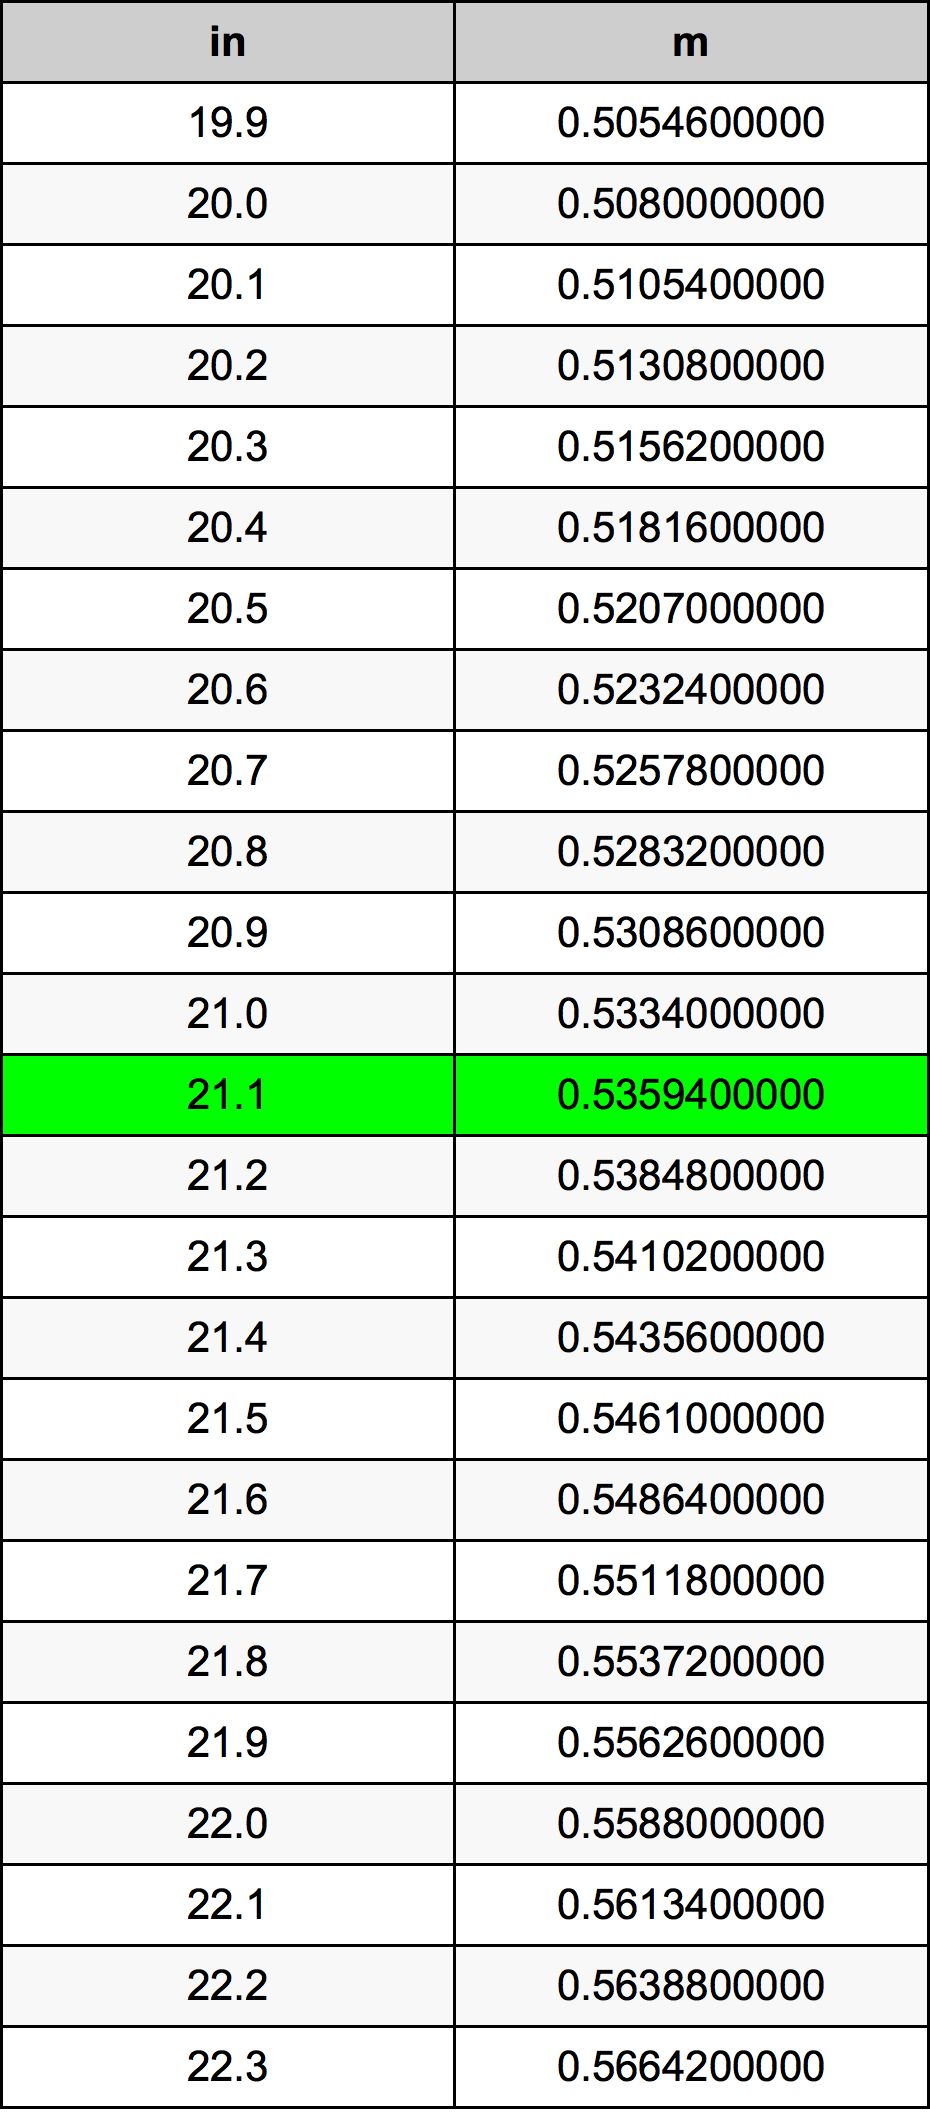 21.1 Zoll Umrechnungstabelle